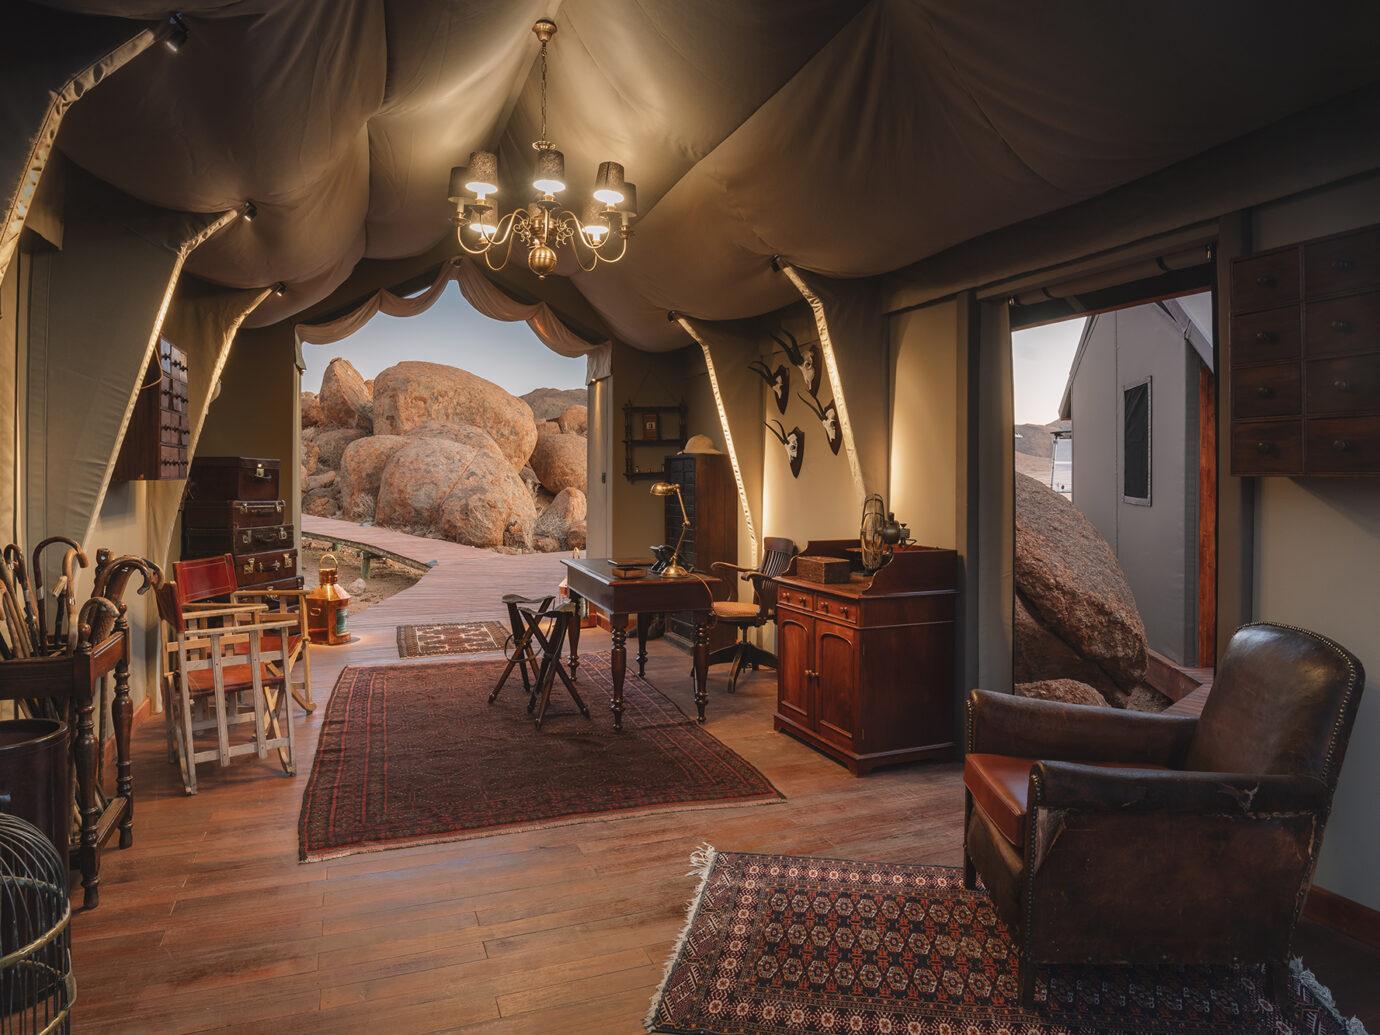 Reception of Sonop Lodge